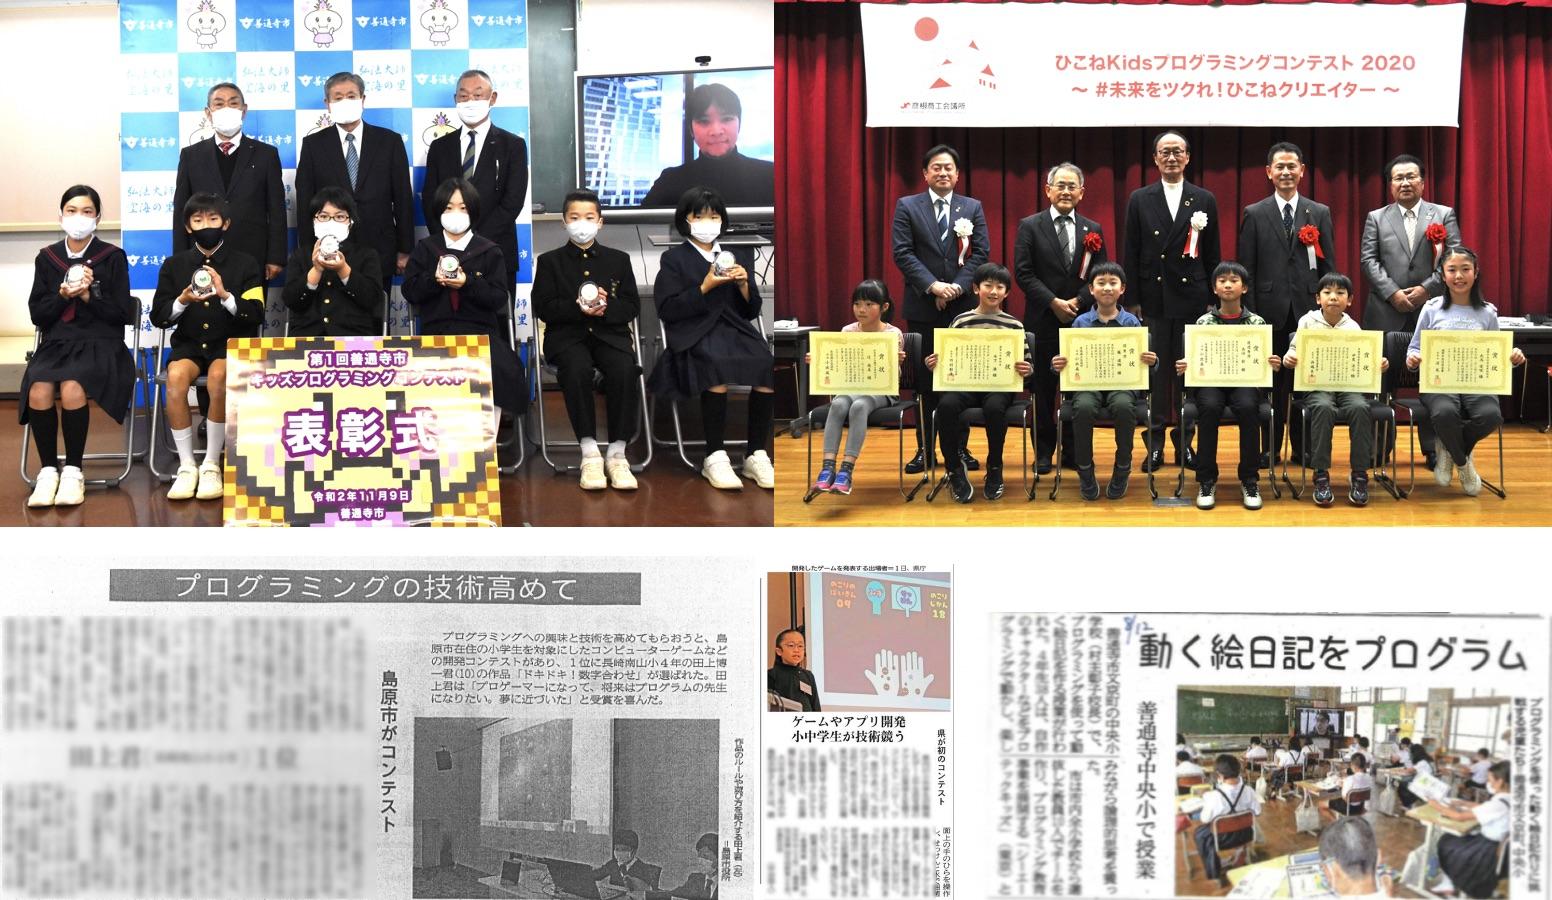 ※画像の下段左は「長崎新聞 2020年10月28日」、下段右は「四国新聞 2020年11月26日」(一部をぼかしています)